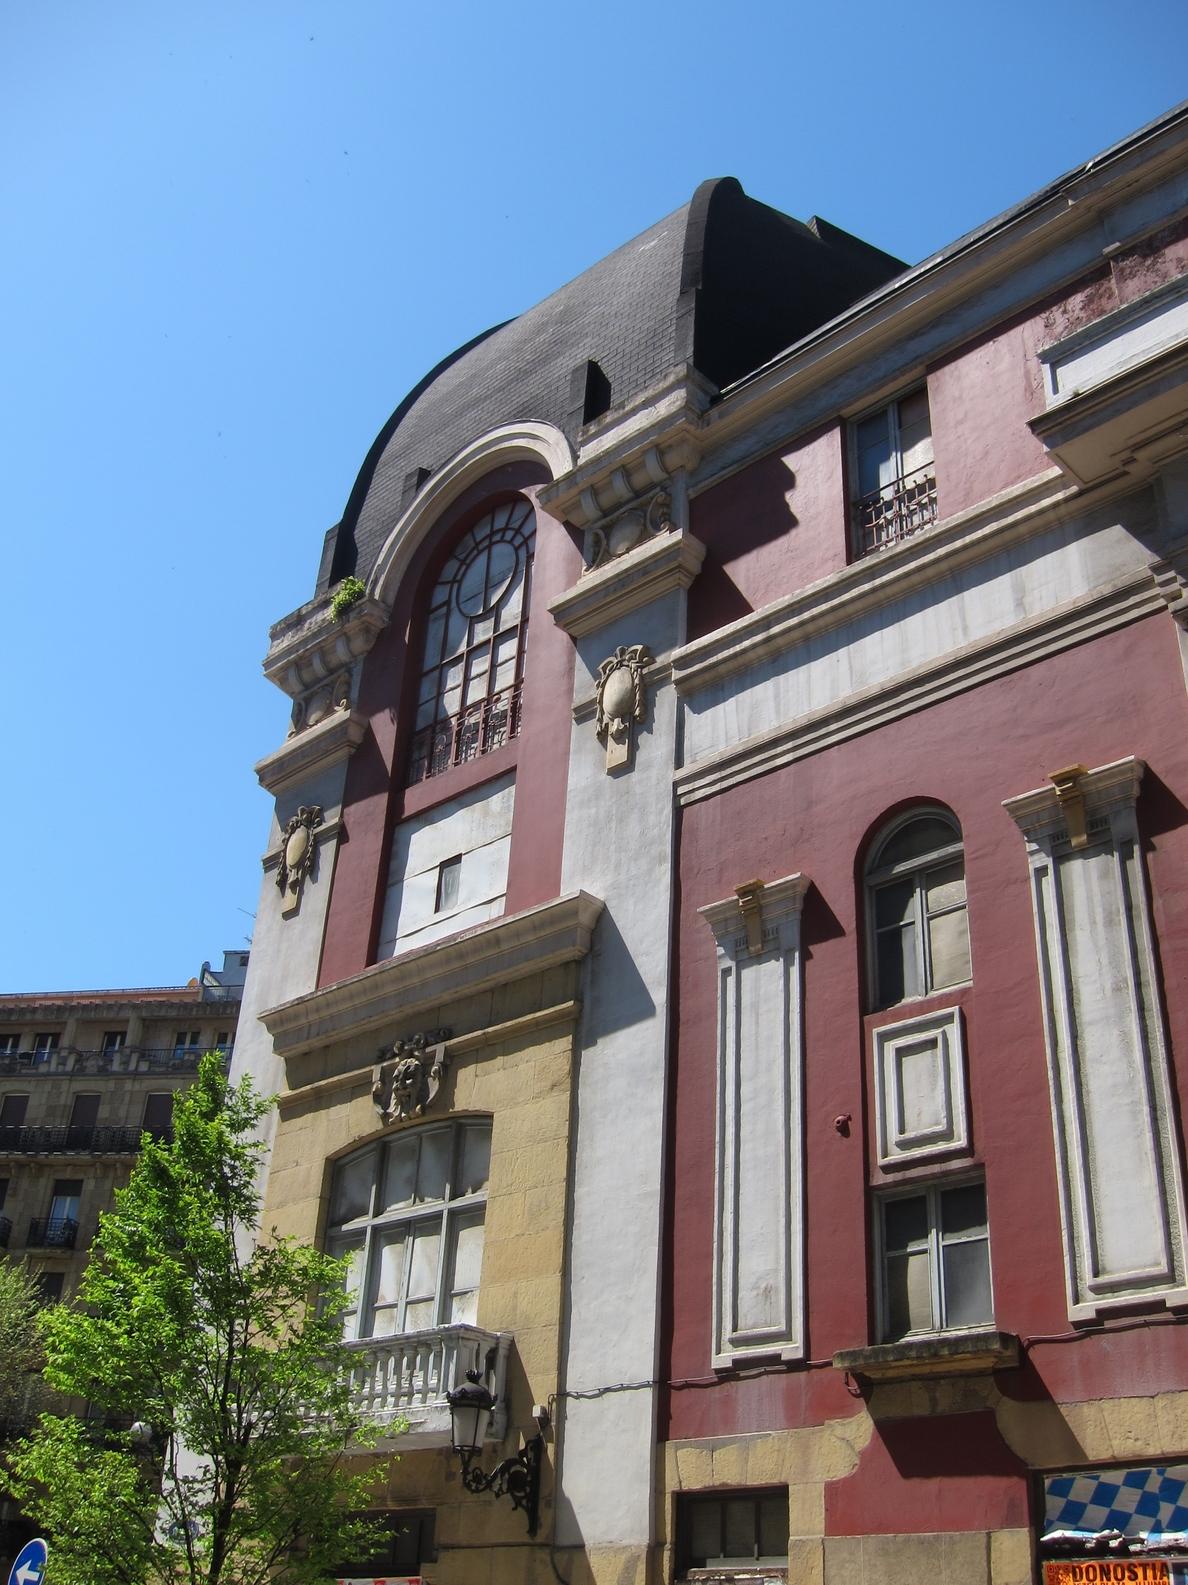 Las instituciones autorizan la retirada de la cúpula del Bellas Artes de San Sebastián por «riesgo de ruina inminente»